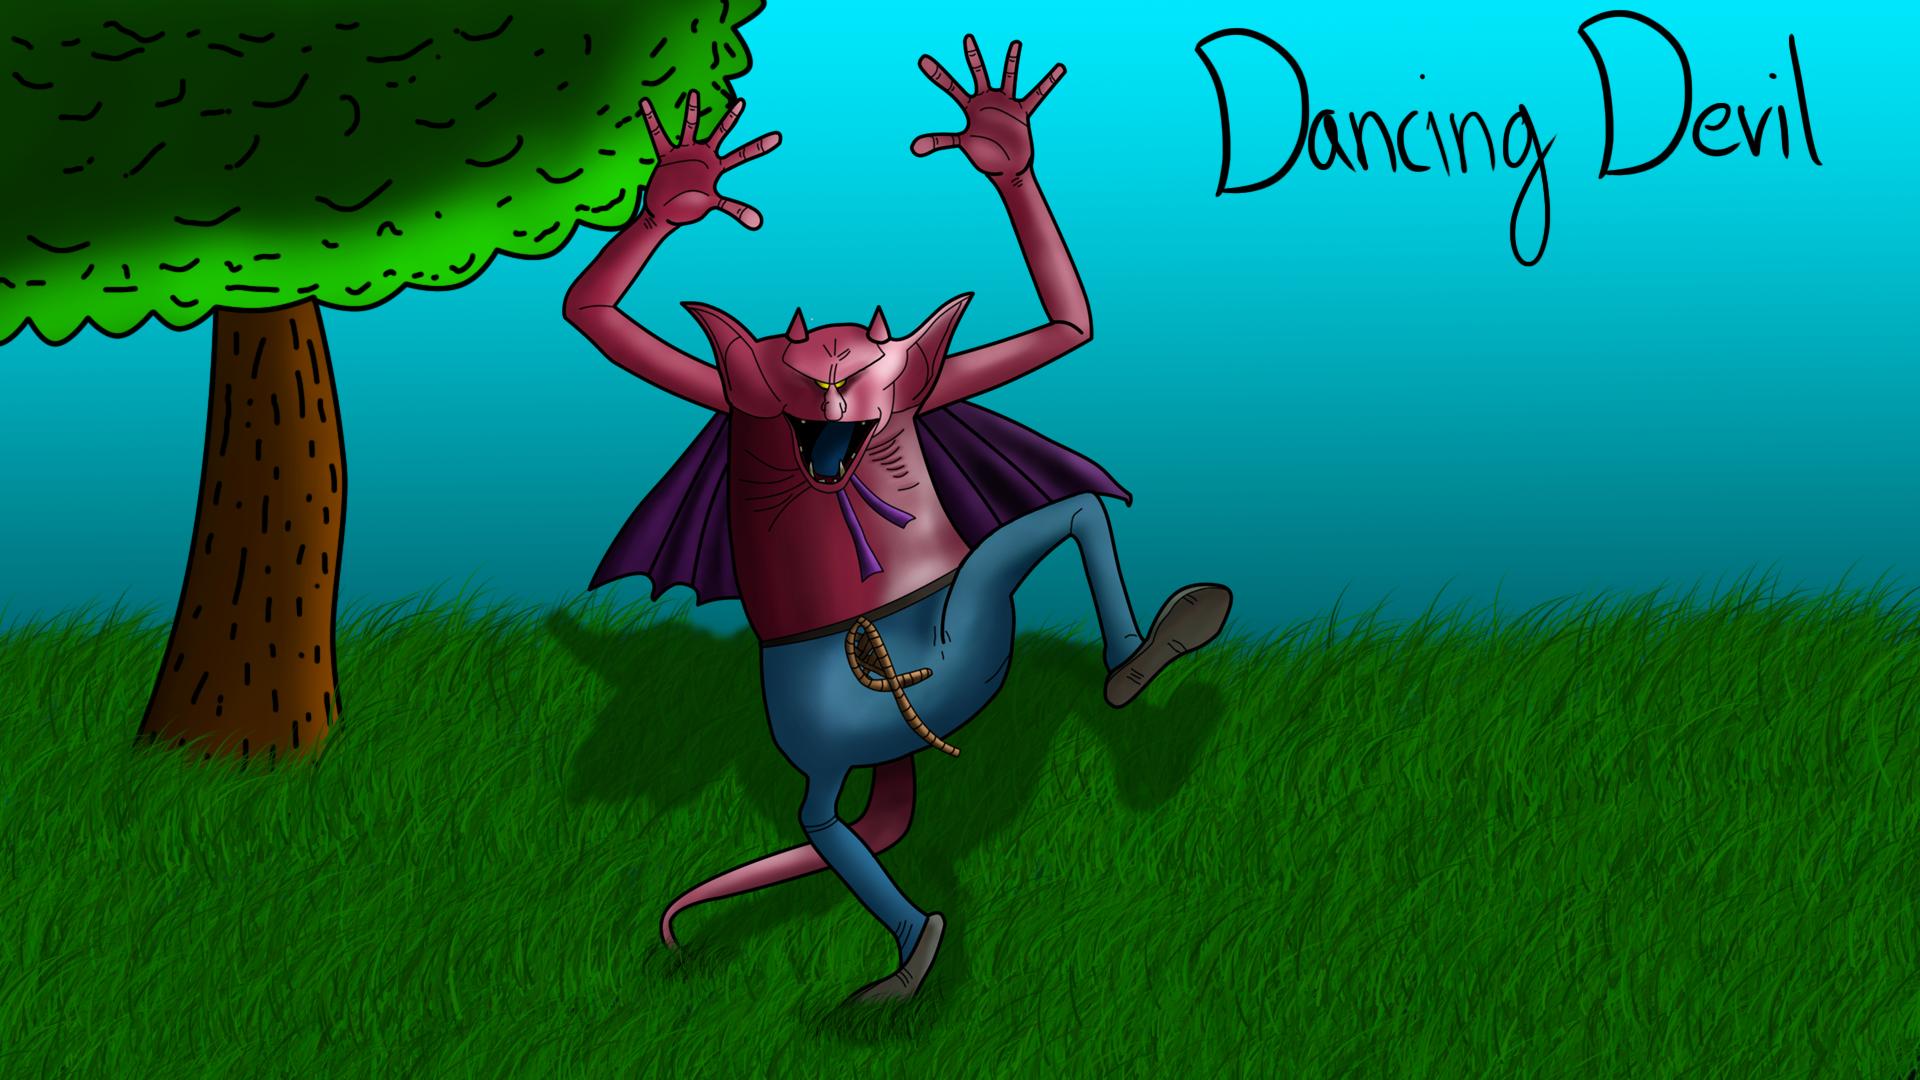 Dancing Devil!